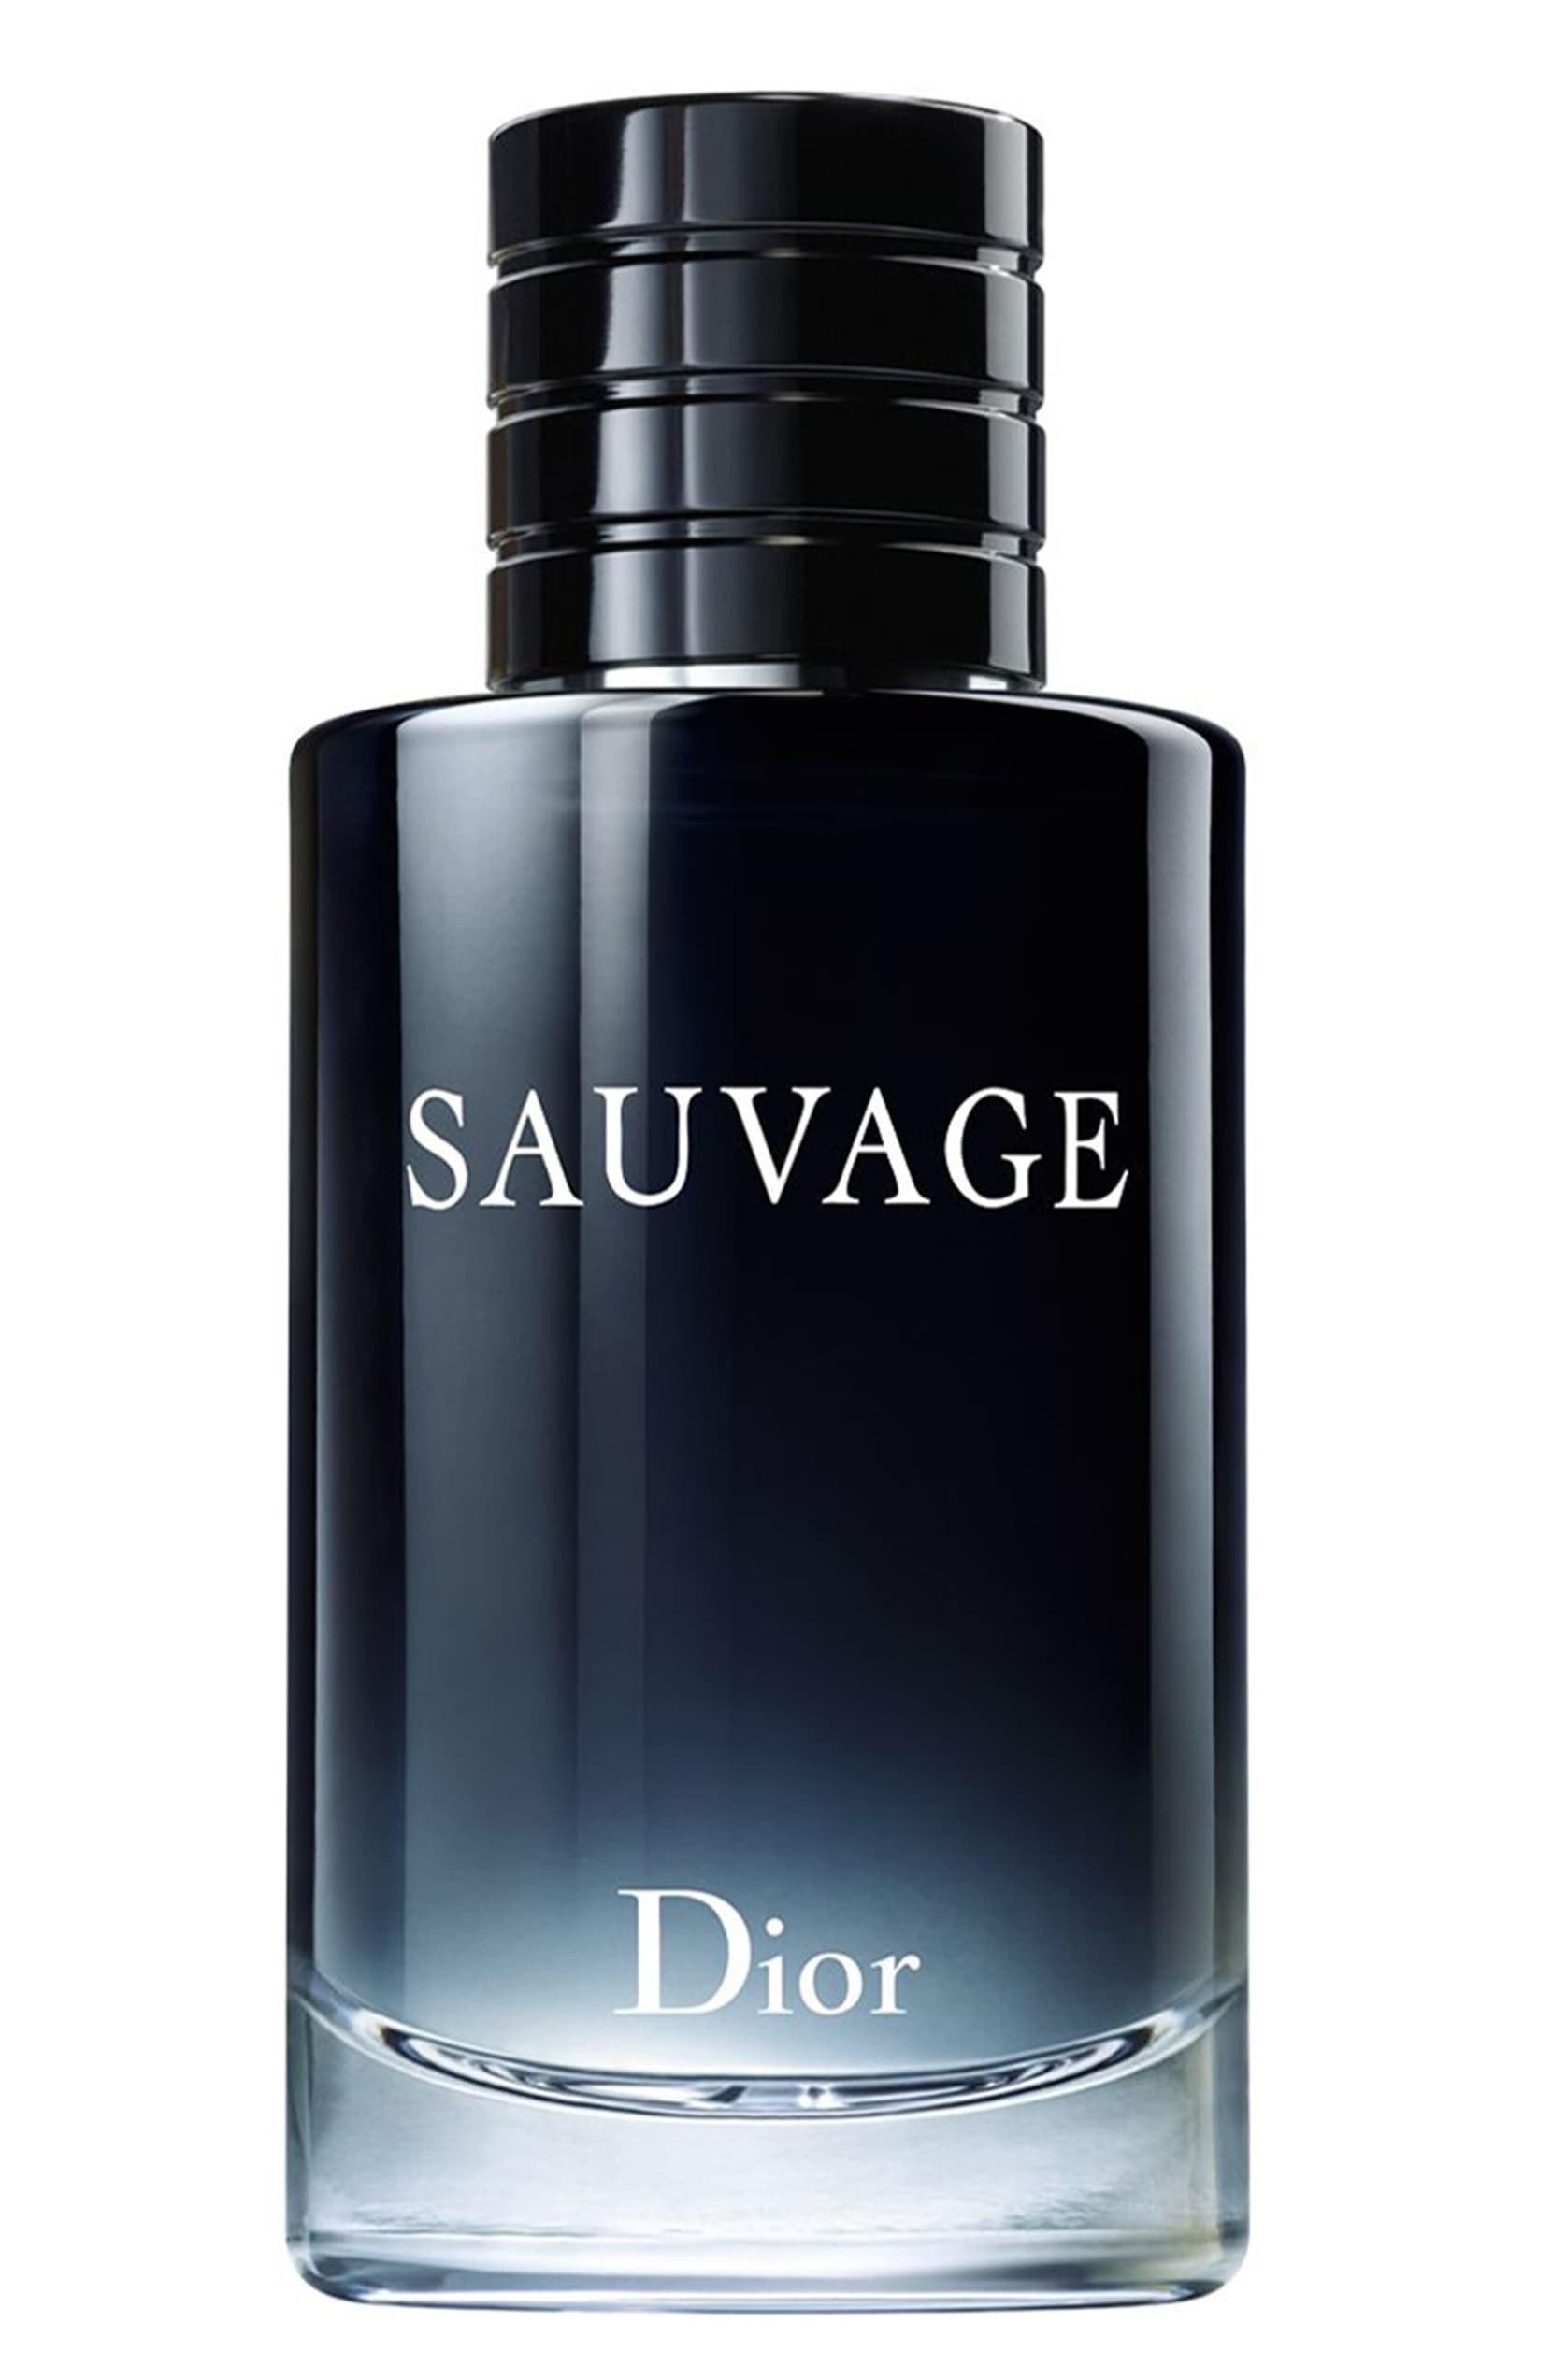 Dior Sauvage Eau de Toilette 60ml